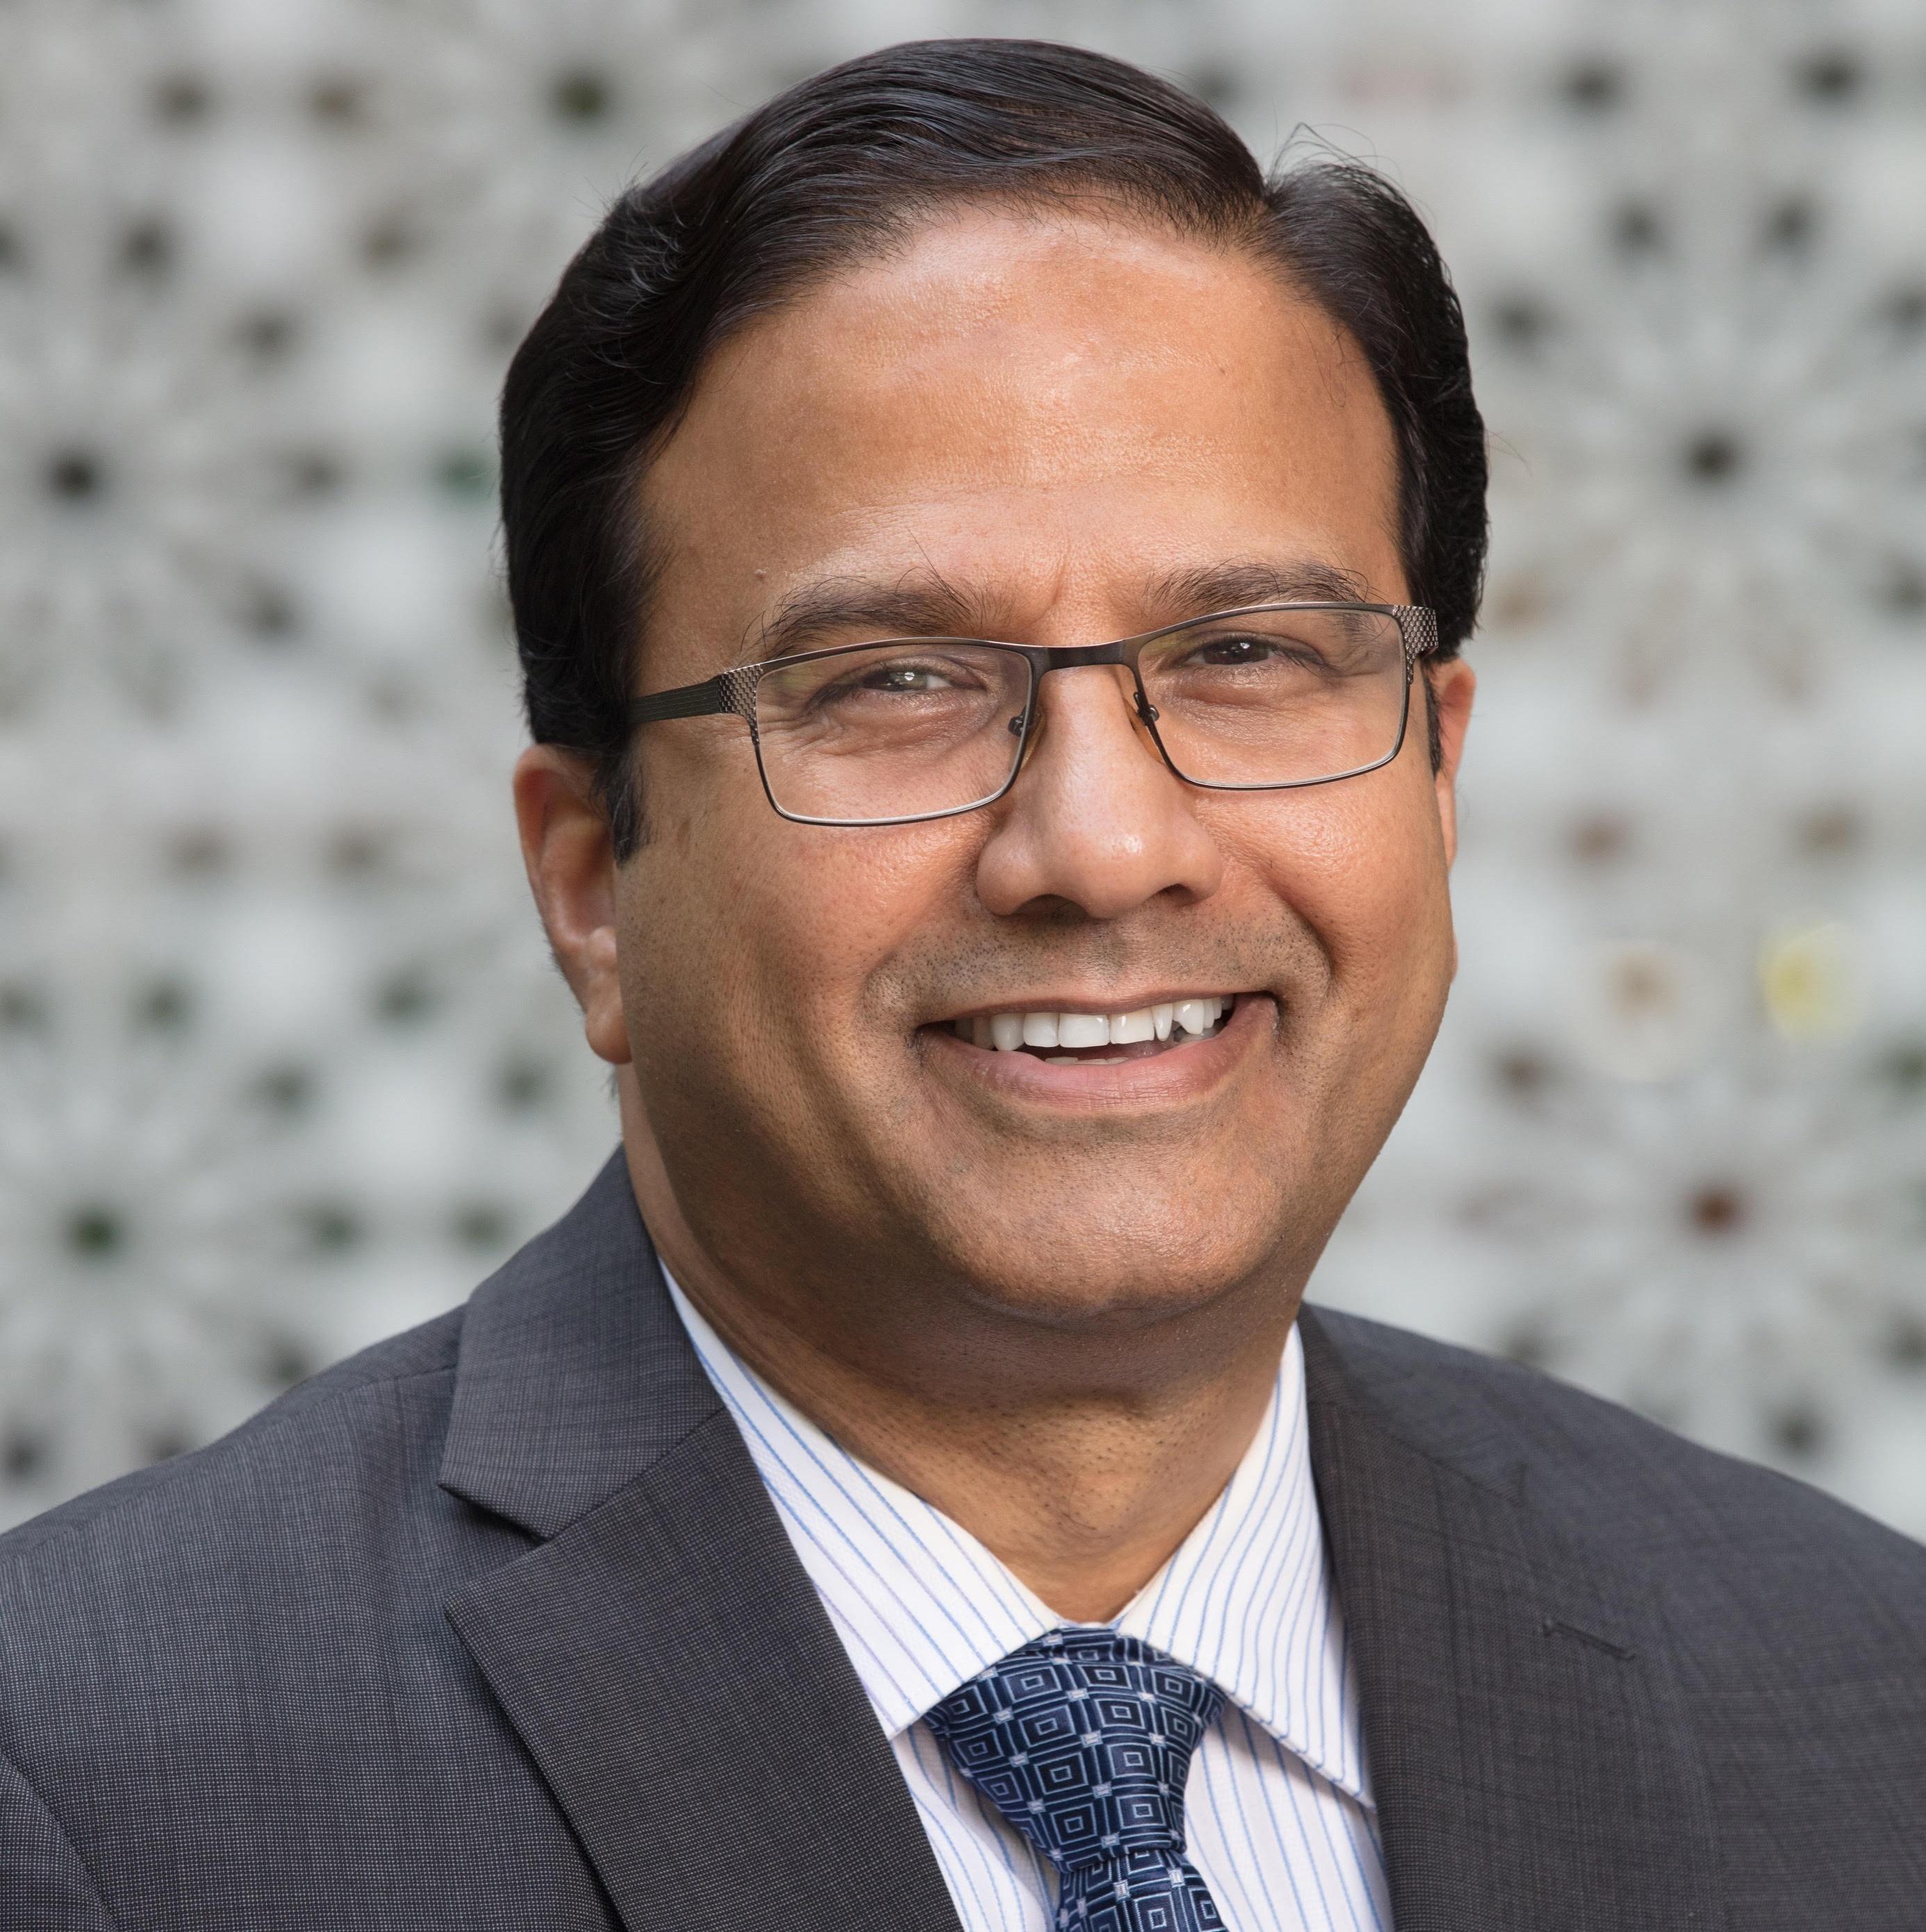 Dr. Sundar Ramaswamy